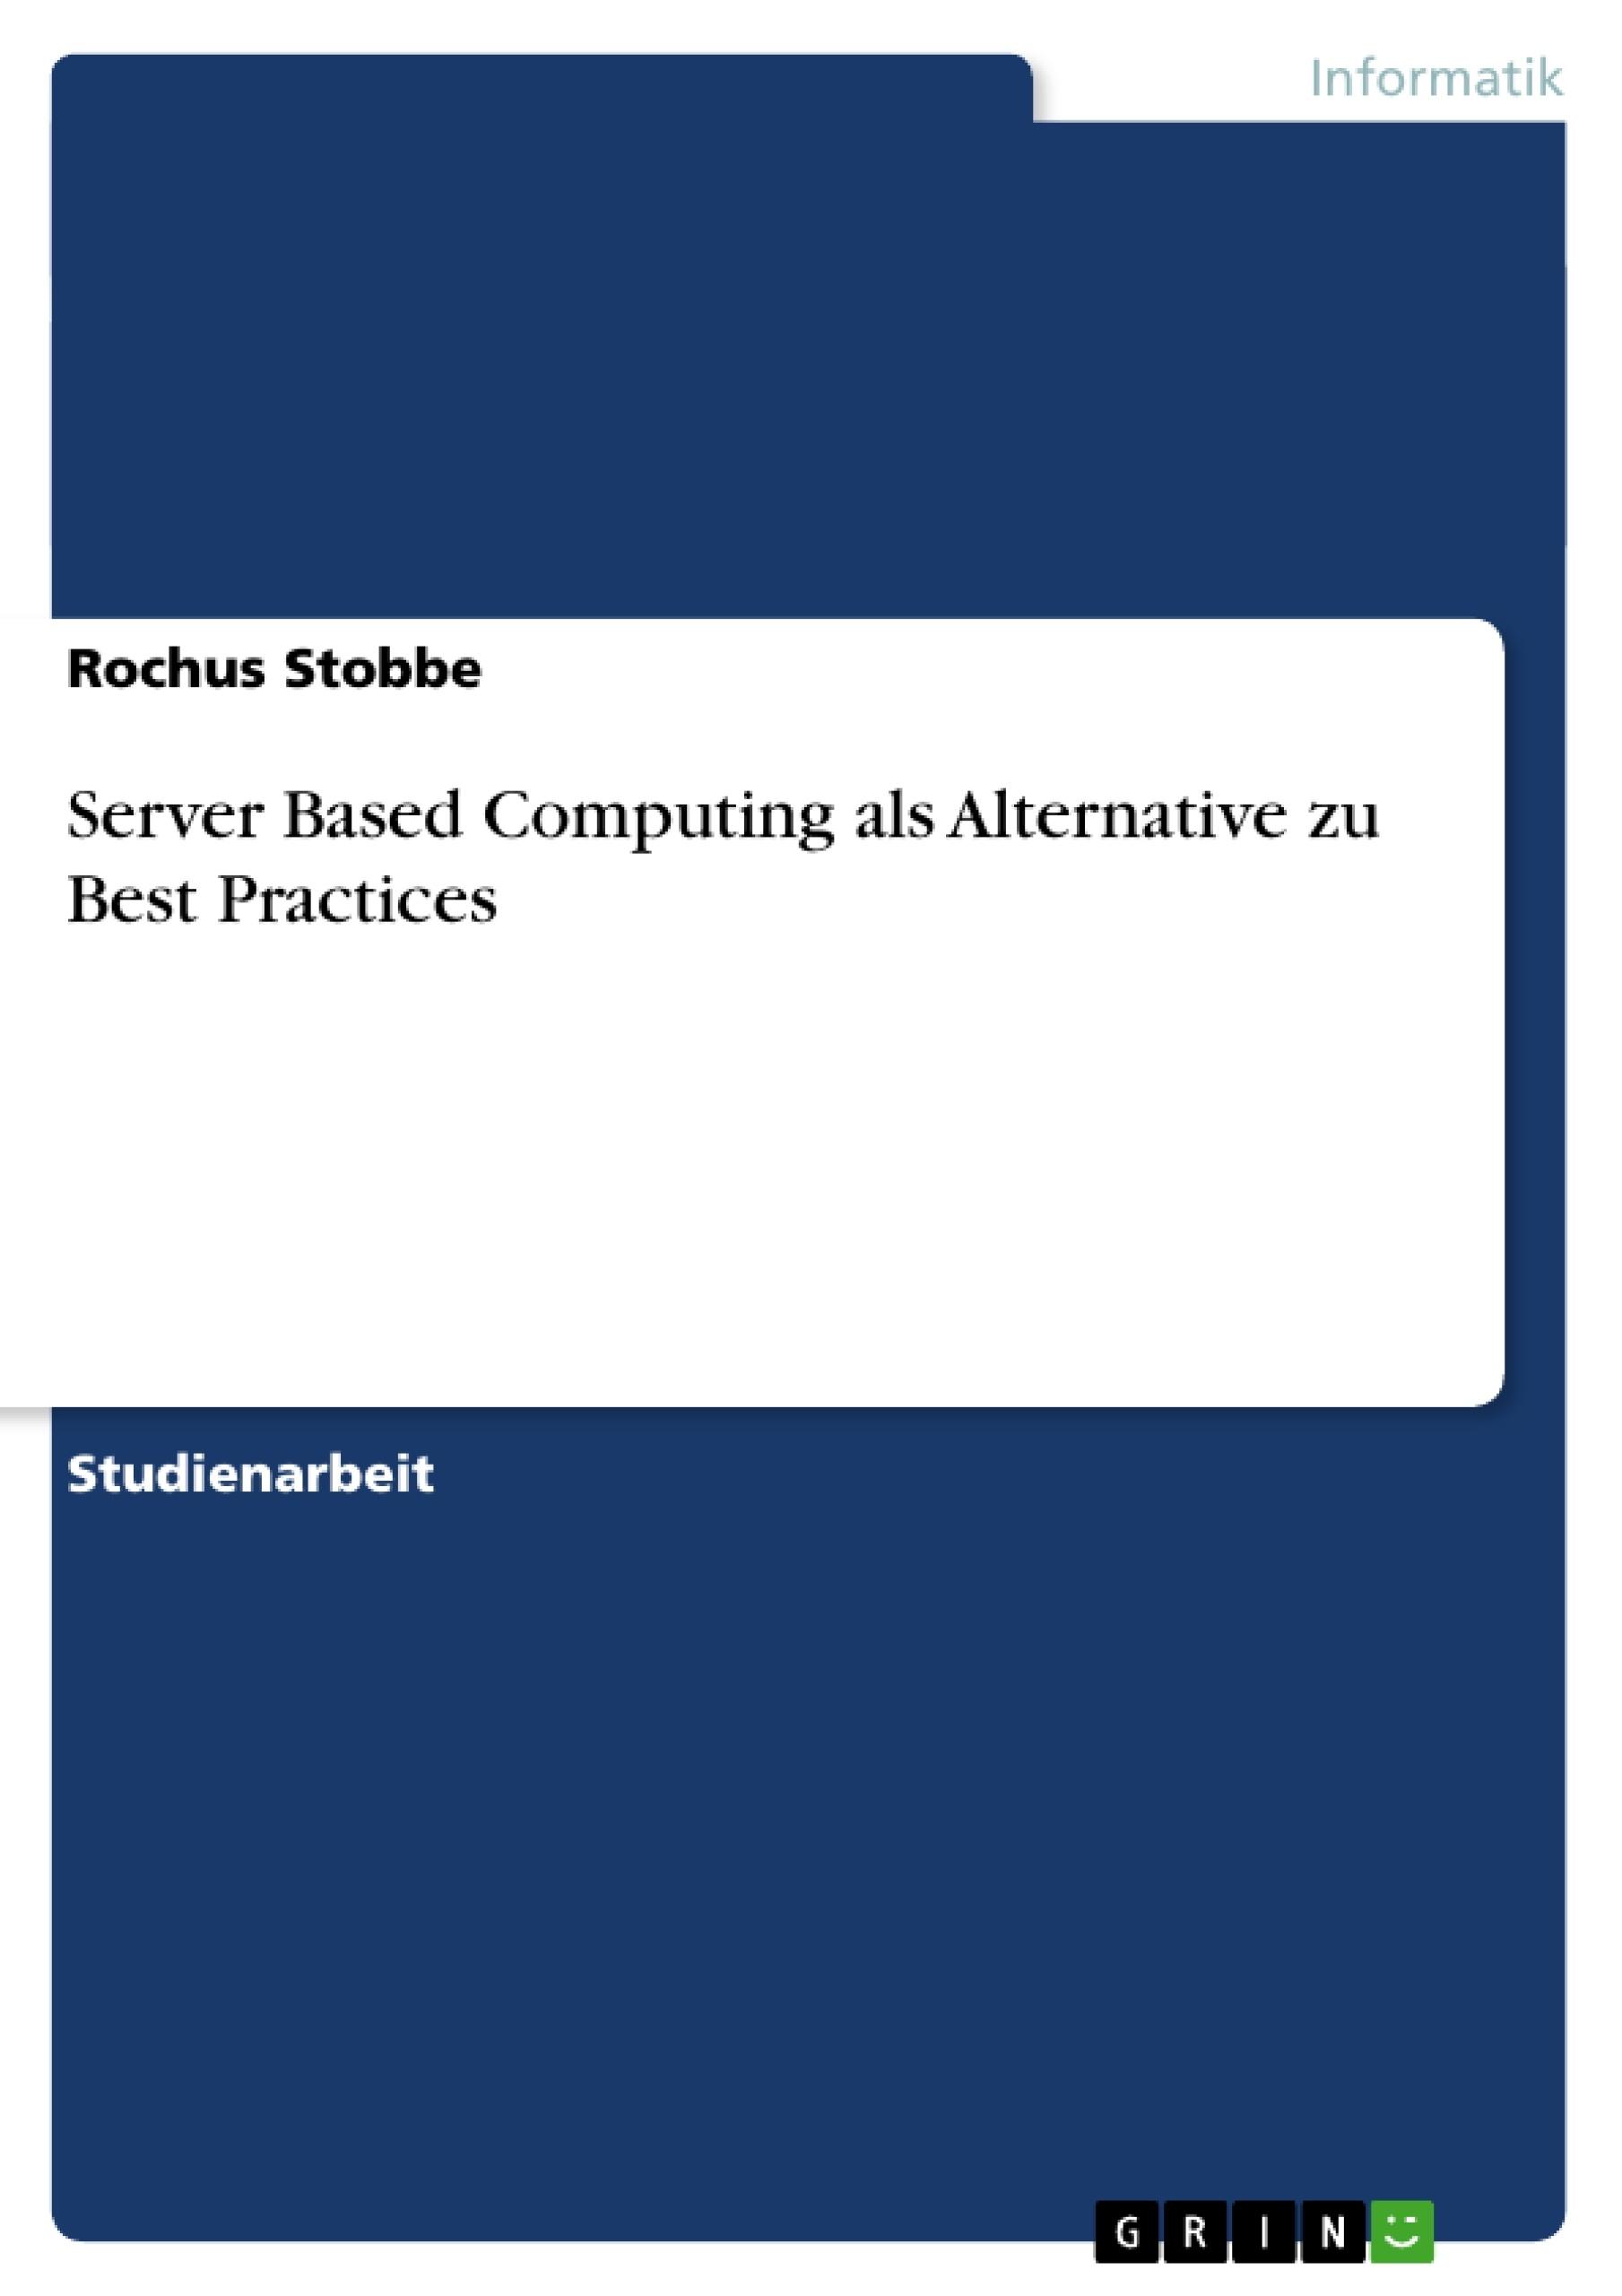 Titel: Server Based Computing als Alternative zu Best Practices